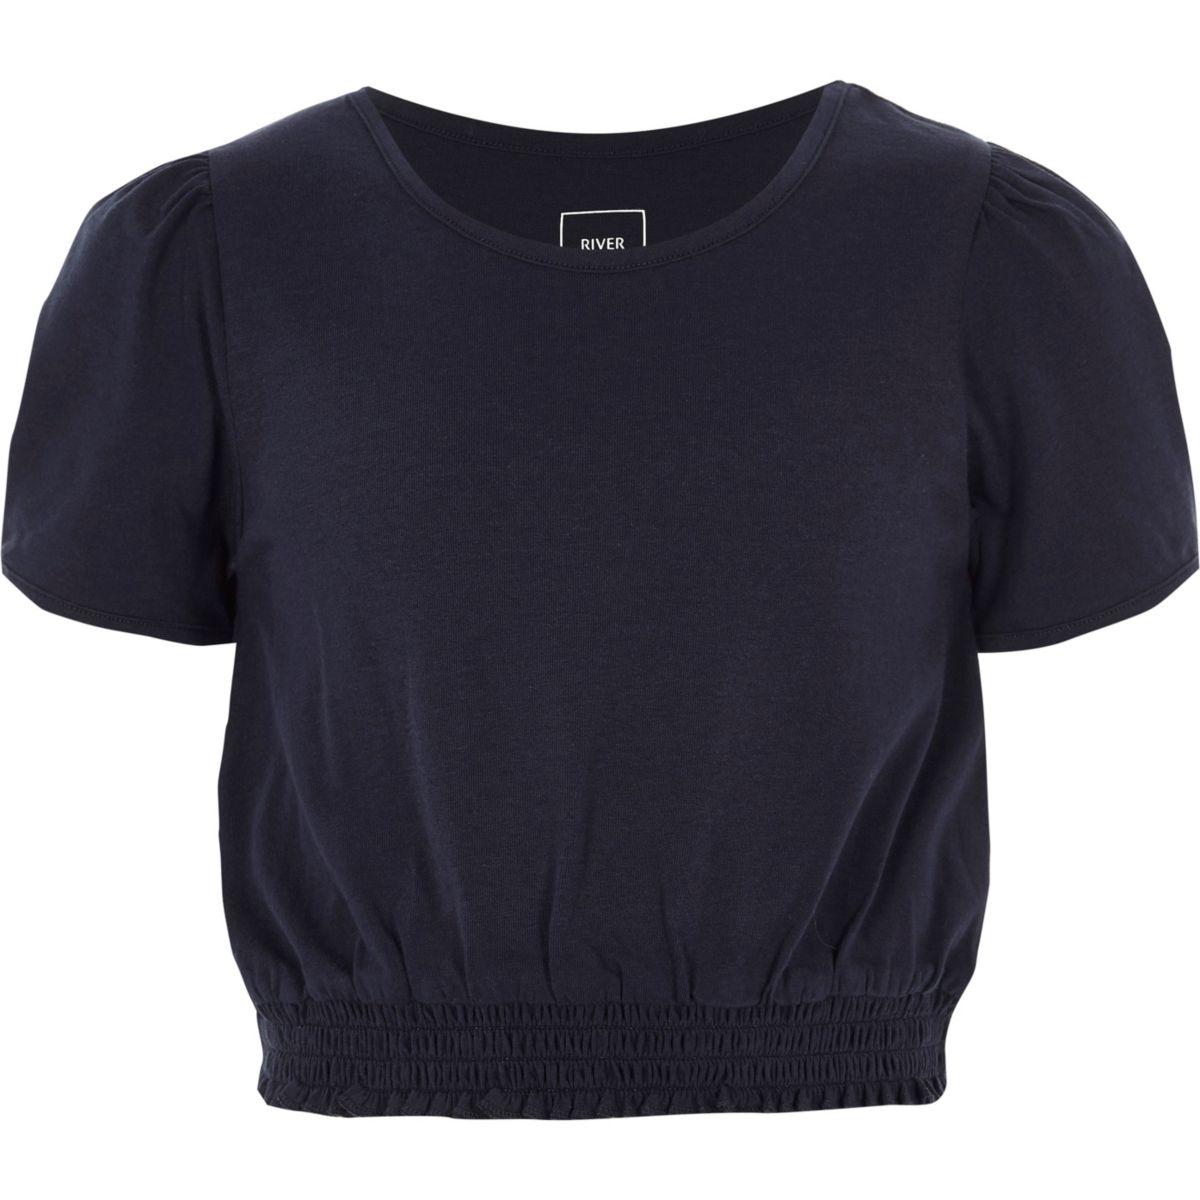 T-shirt bleu marine froncé à manches courtes bouffantes pour fille